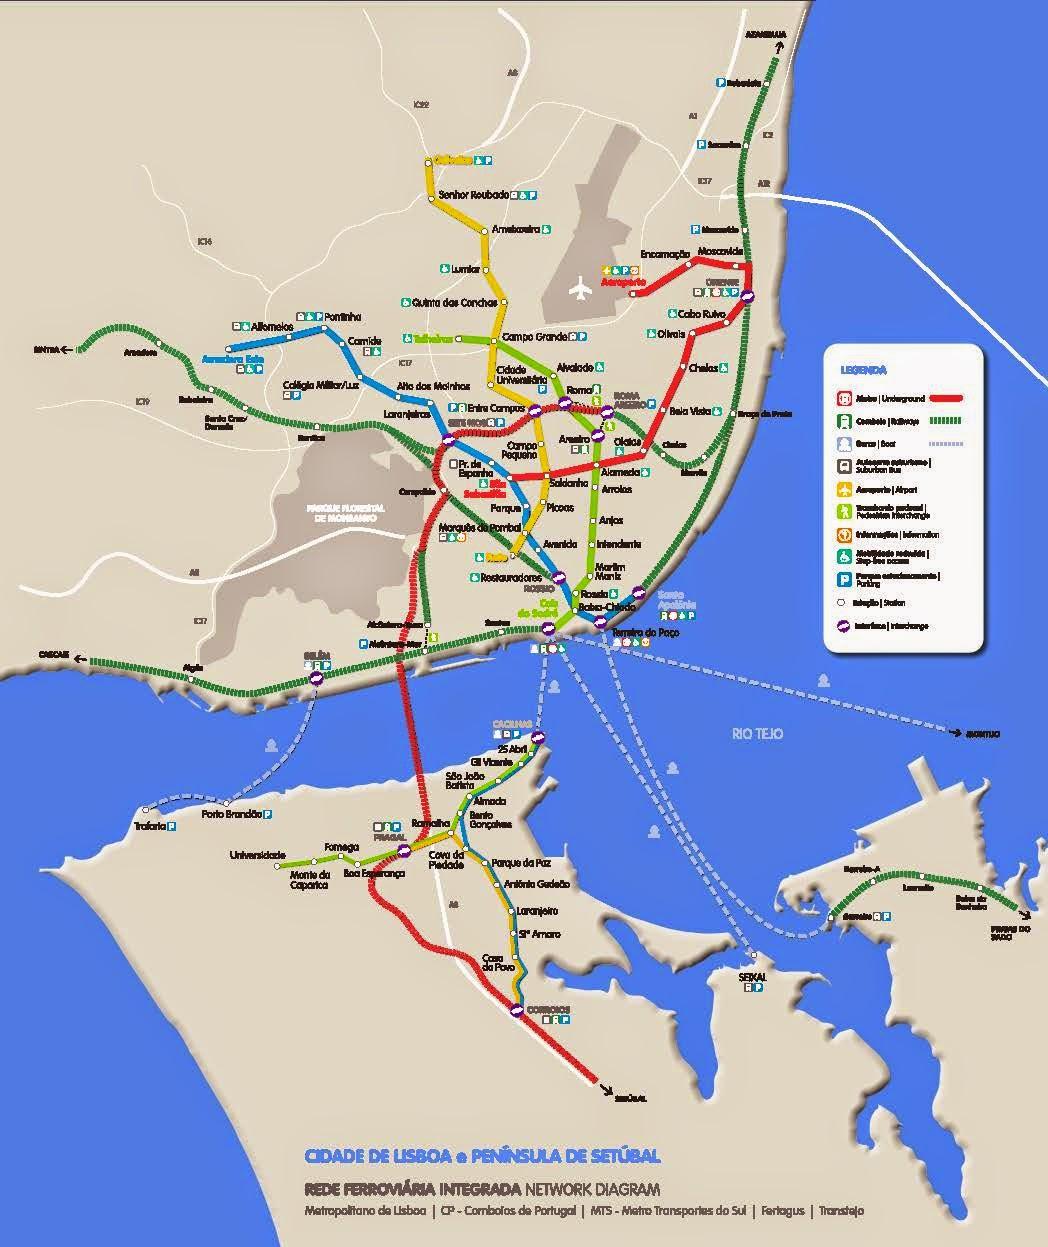 mapa lisboa cml CIDADANIA LX: O MAPA mapa lisboa cml